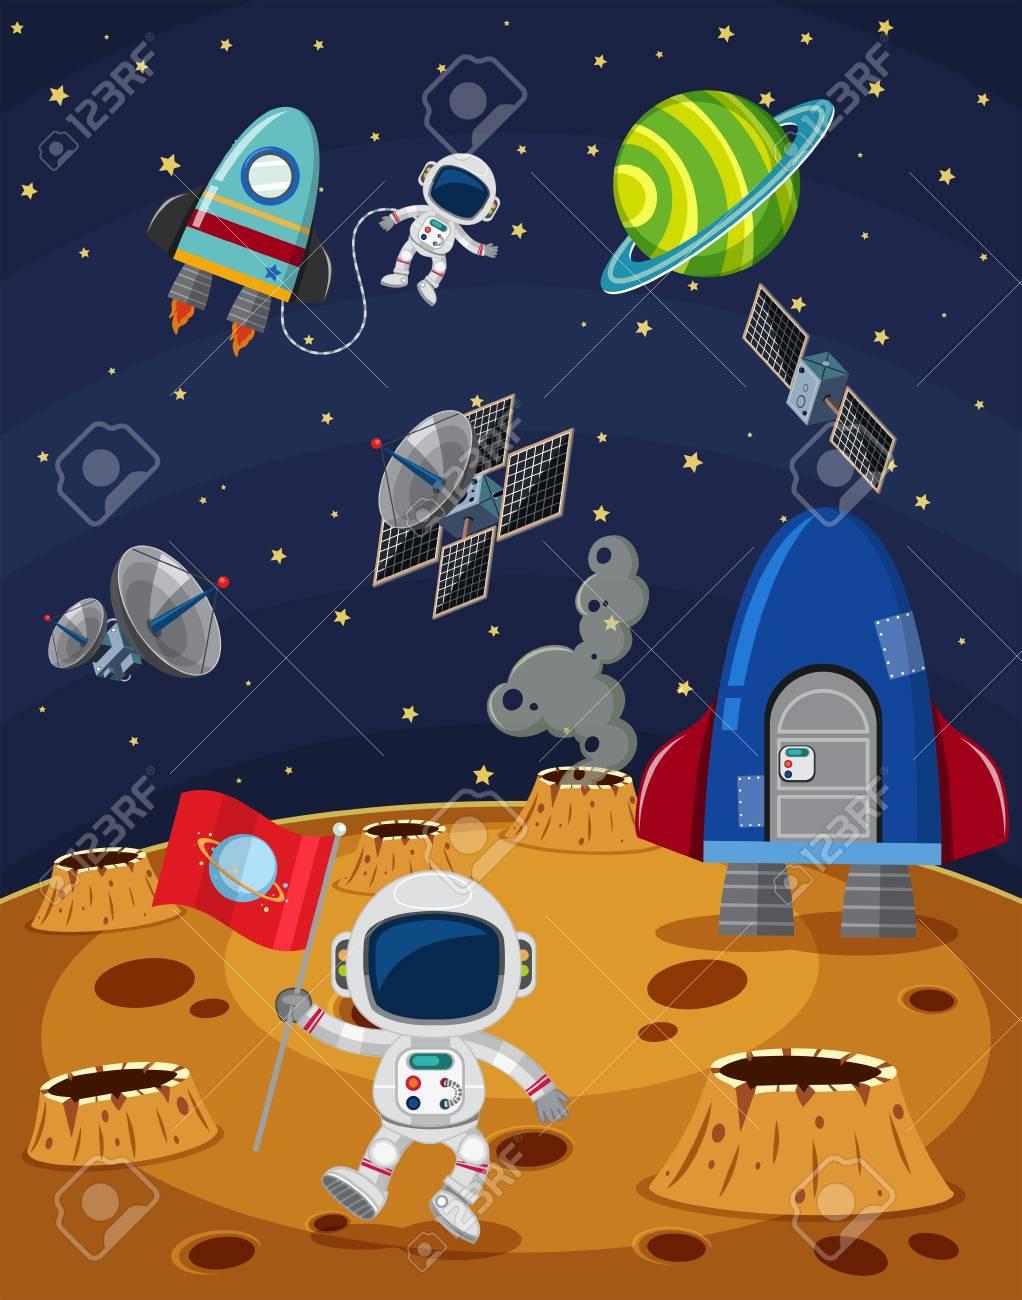 宇宙飛行士と宇宙船イラスト スペース シーンのイラスト素材ベクタ